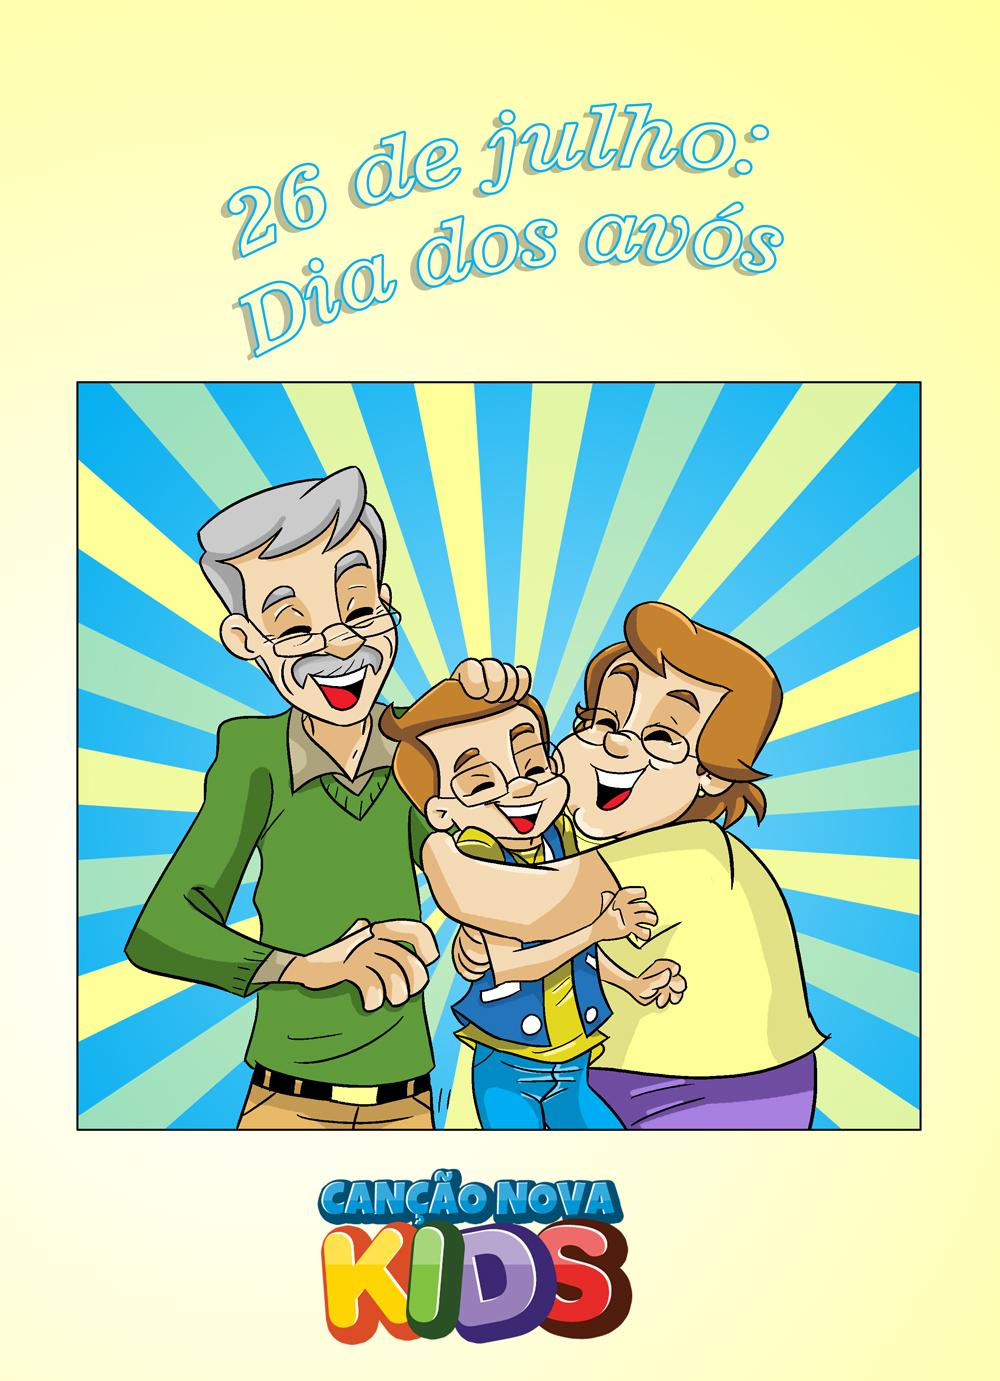 26.07 - Dia dos Avos